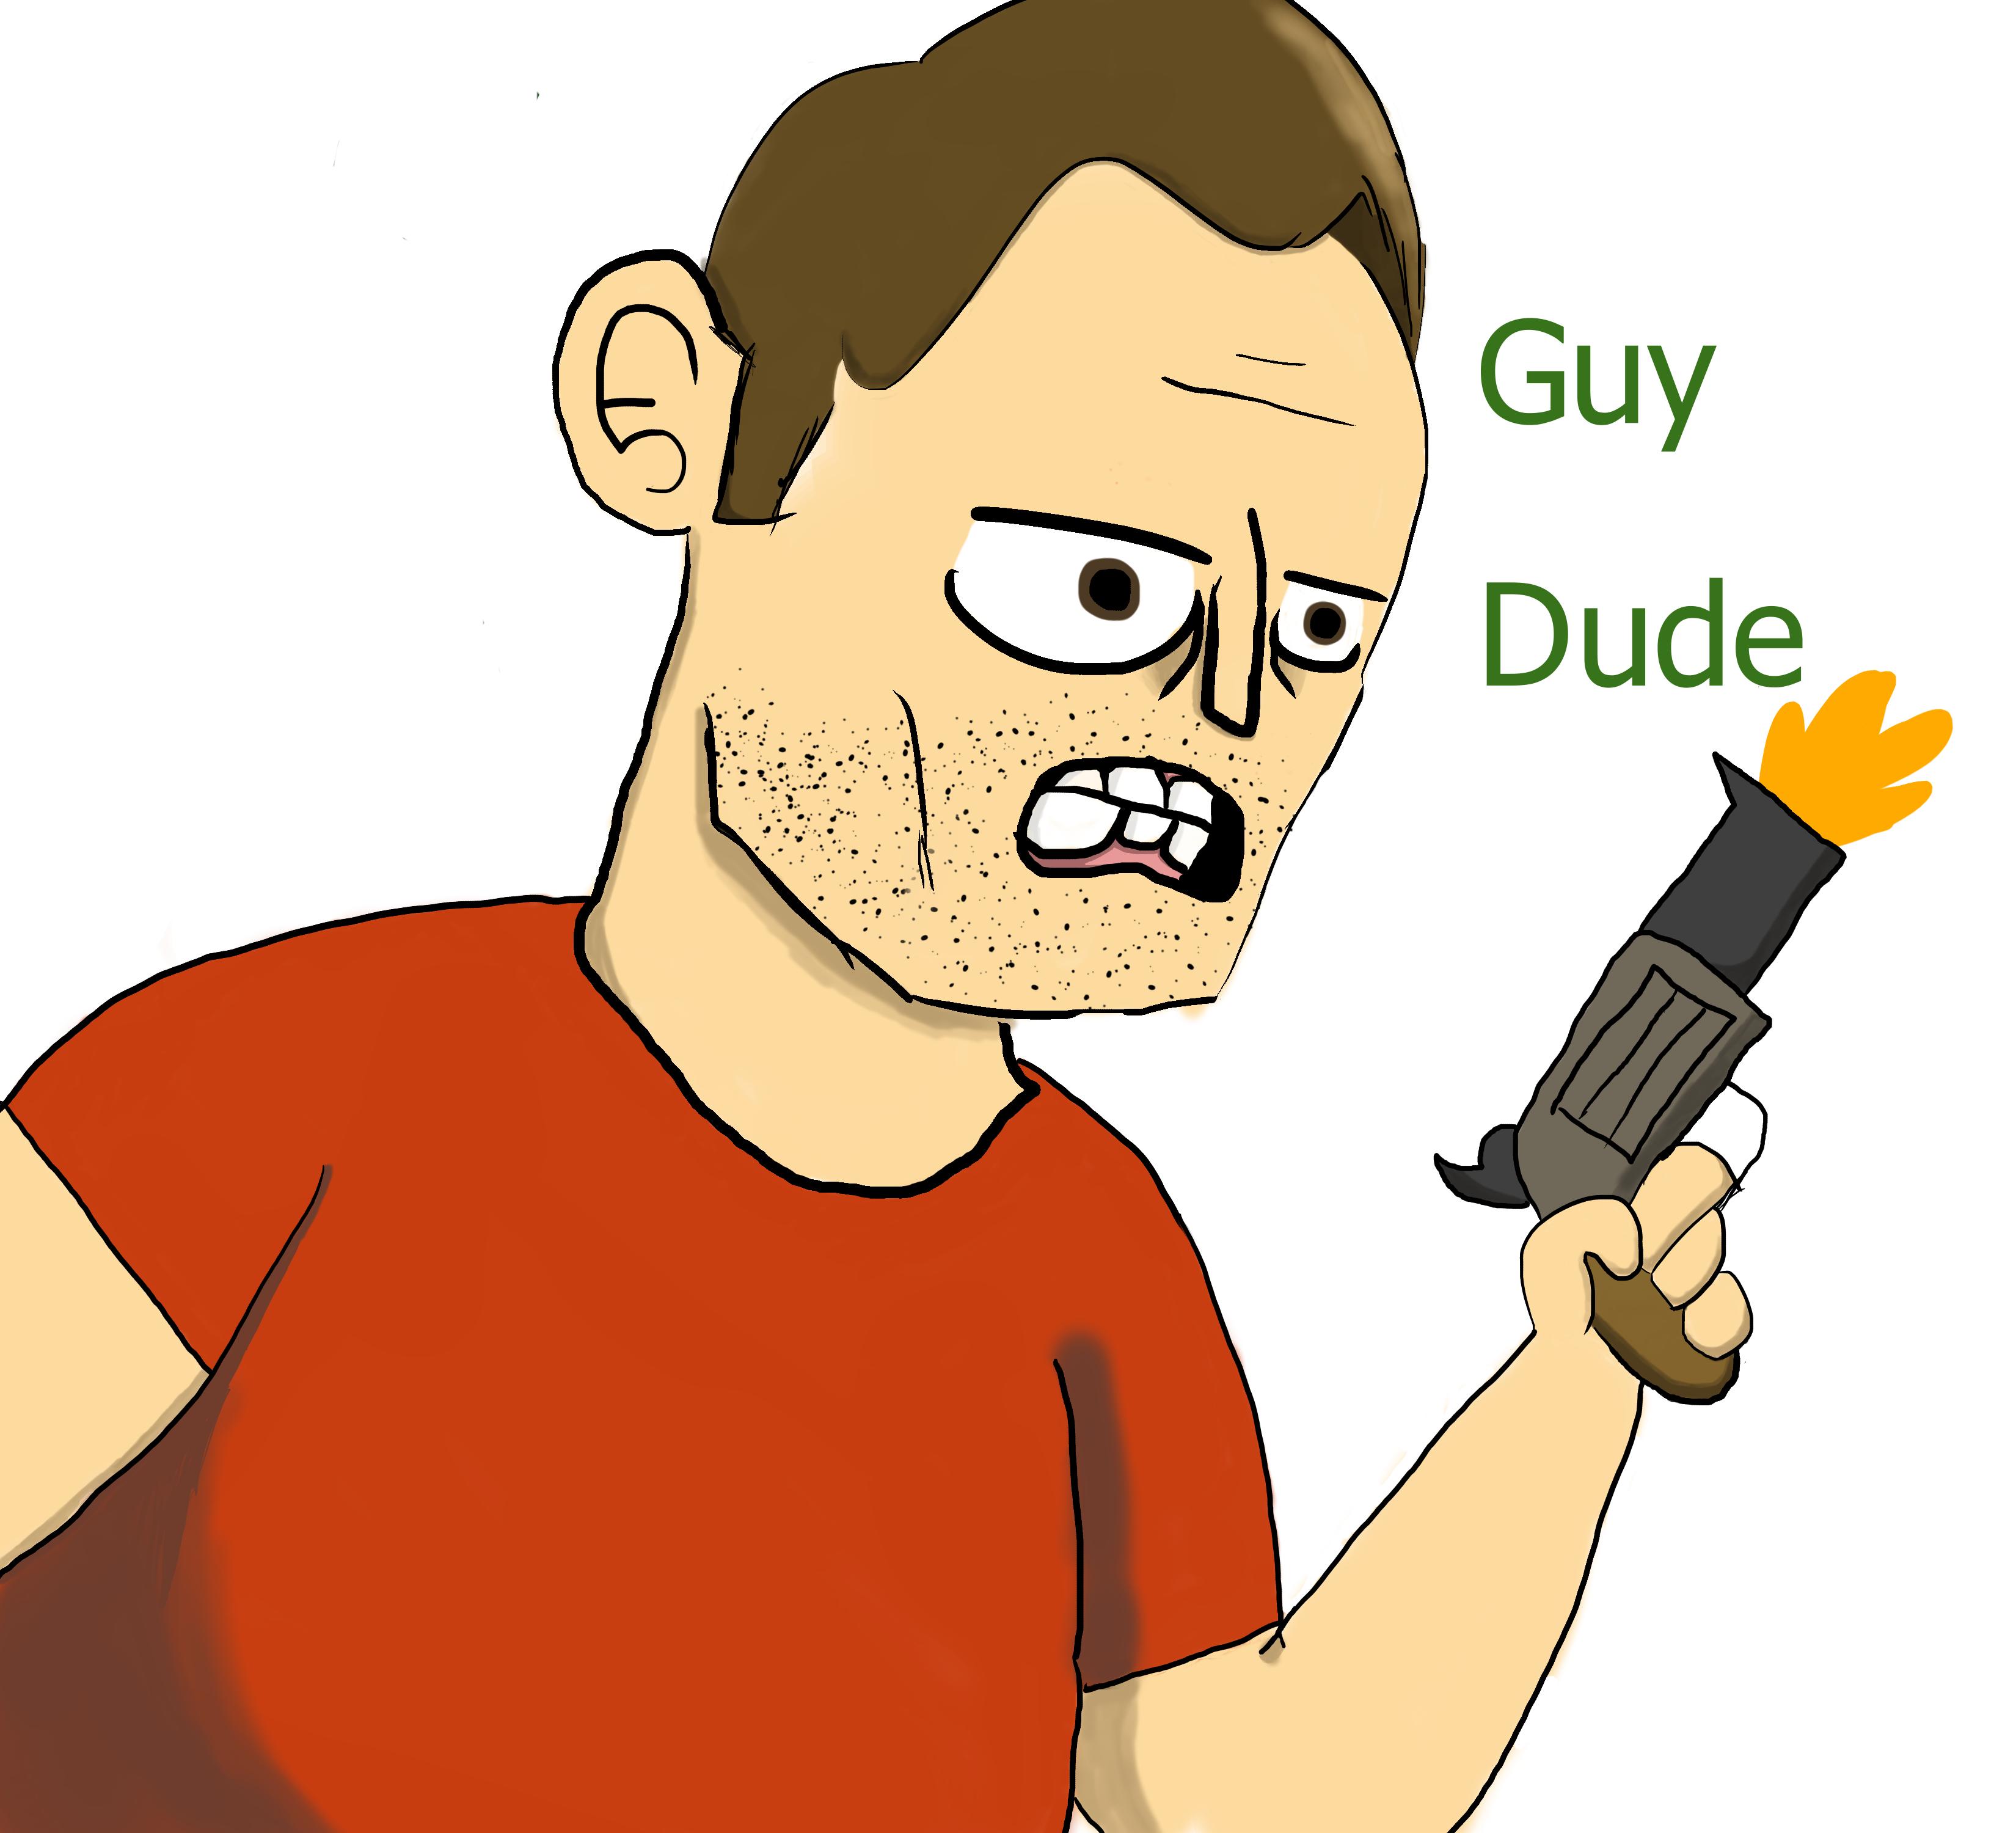 Guy Dude